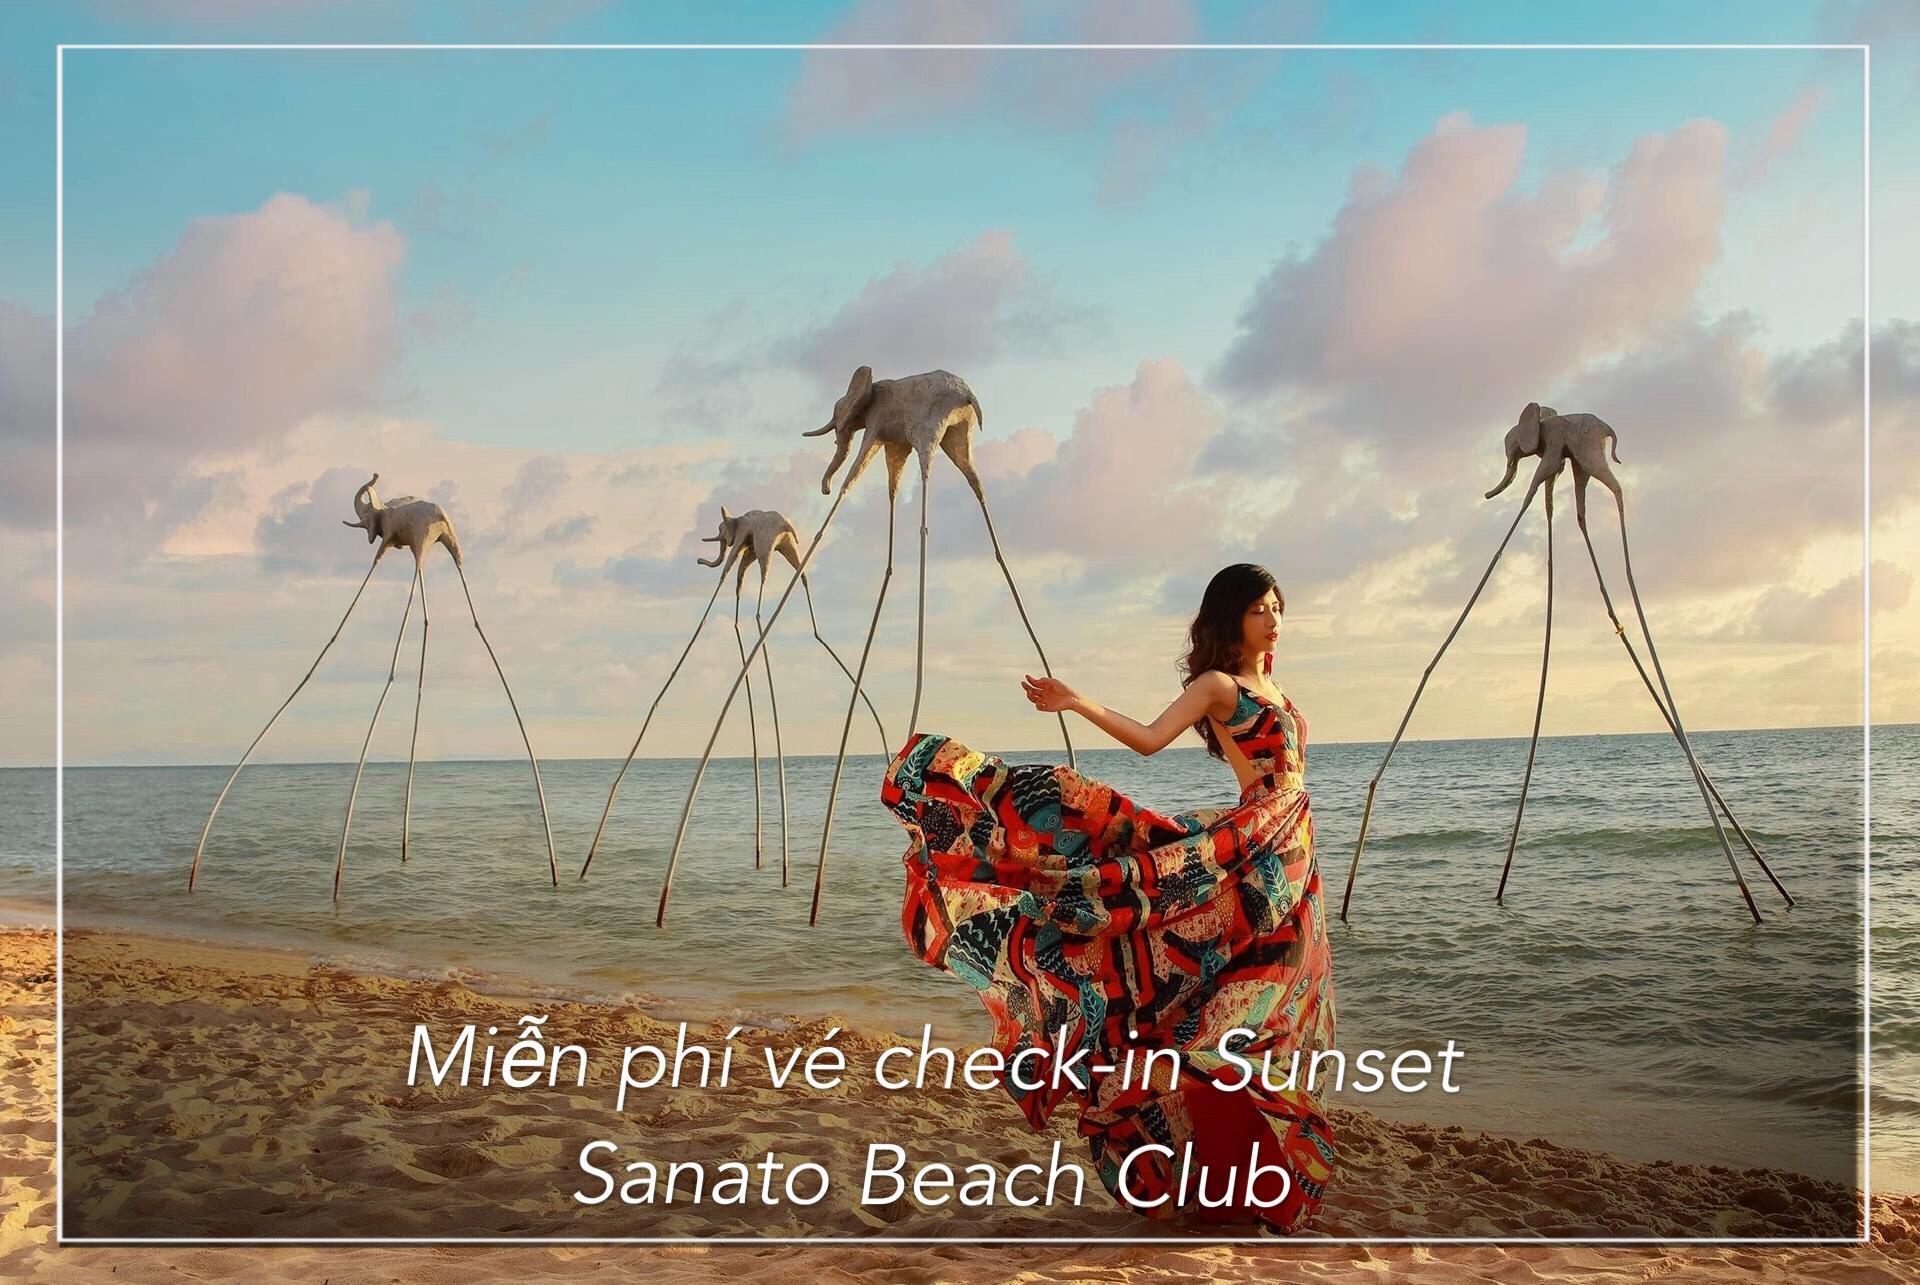 Khu Nghỉ Dưỡng & Biệt Thự Sunset Sanato   Đảo Phú Quốc ƯU ĐÃI CẬP NHẬT NĂM 2020 1009729 ₫, Ảnh HD & Nhận Xét